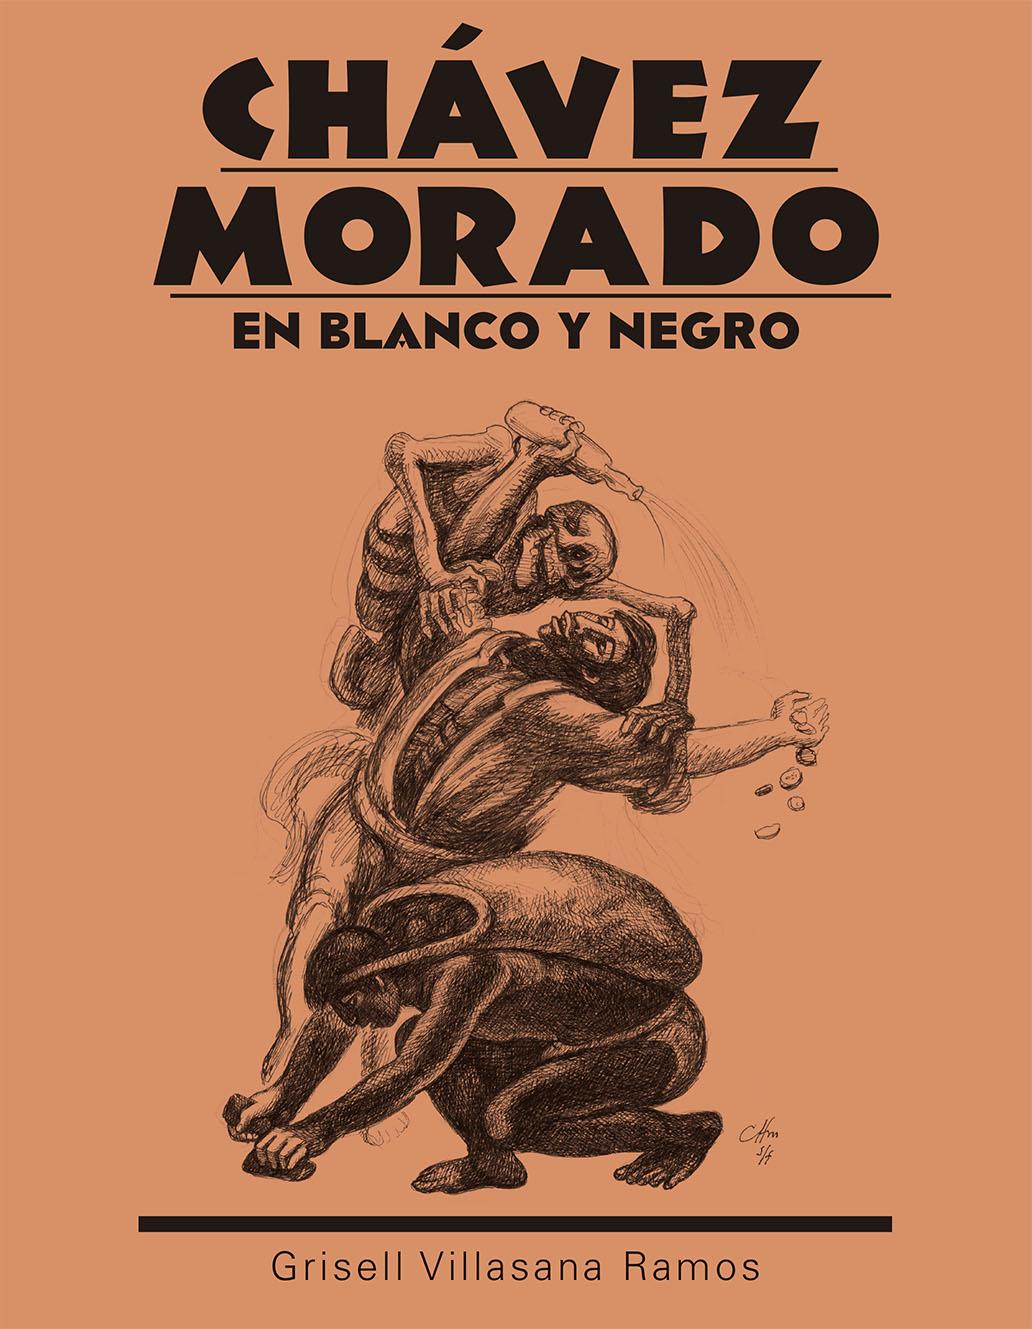 Chávez Morado en blanco y negro